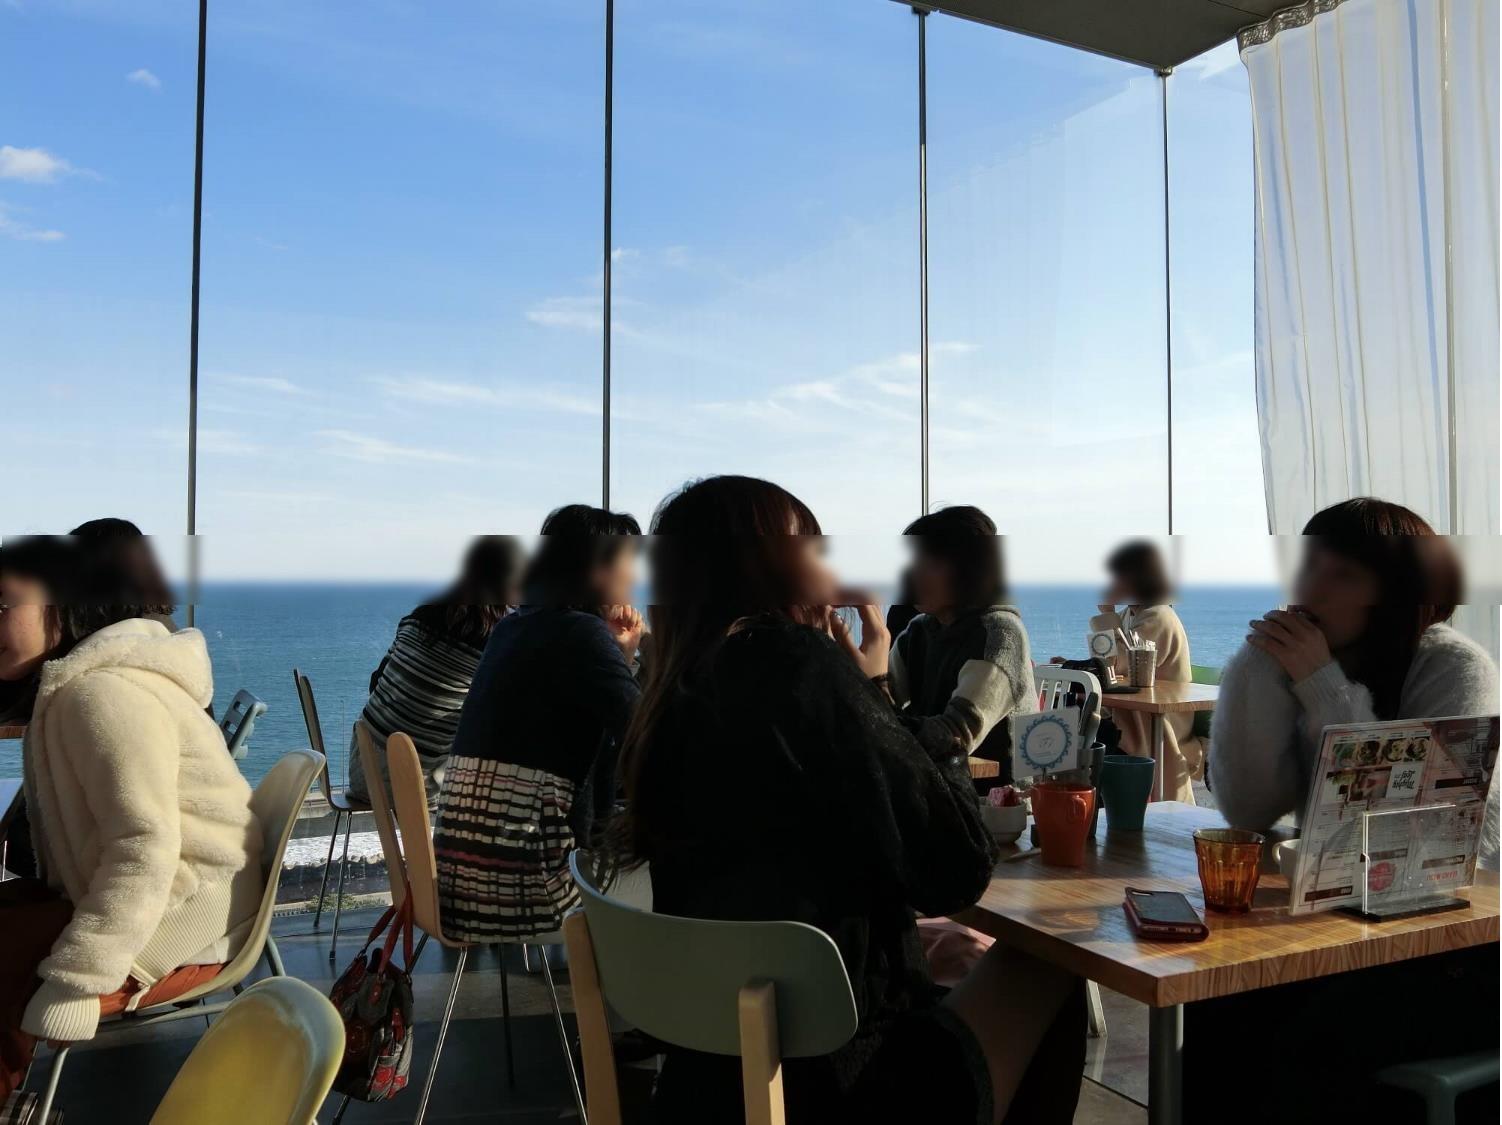 【日立市カフェ】シーバーズカフェ(sea birds cafe) 内観2